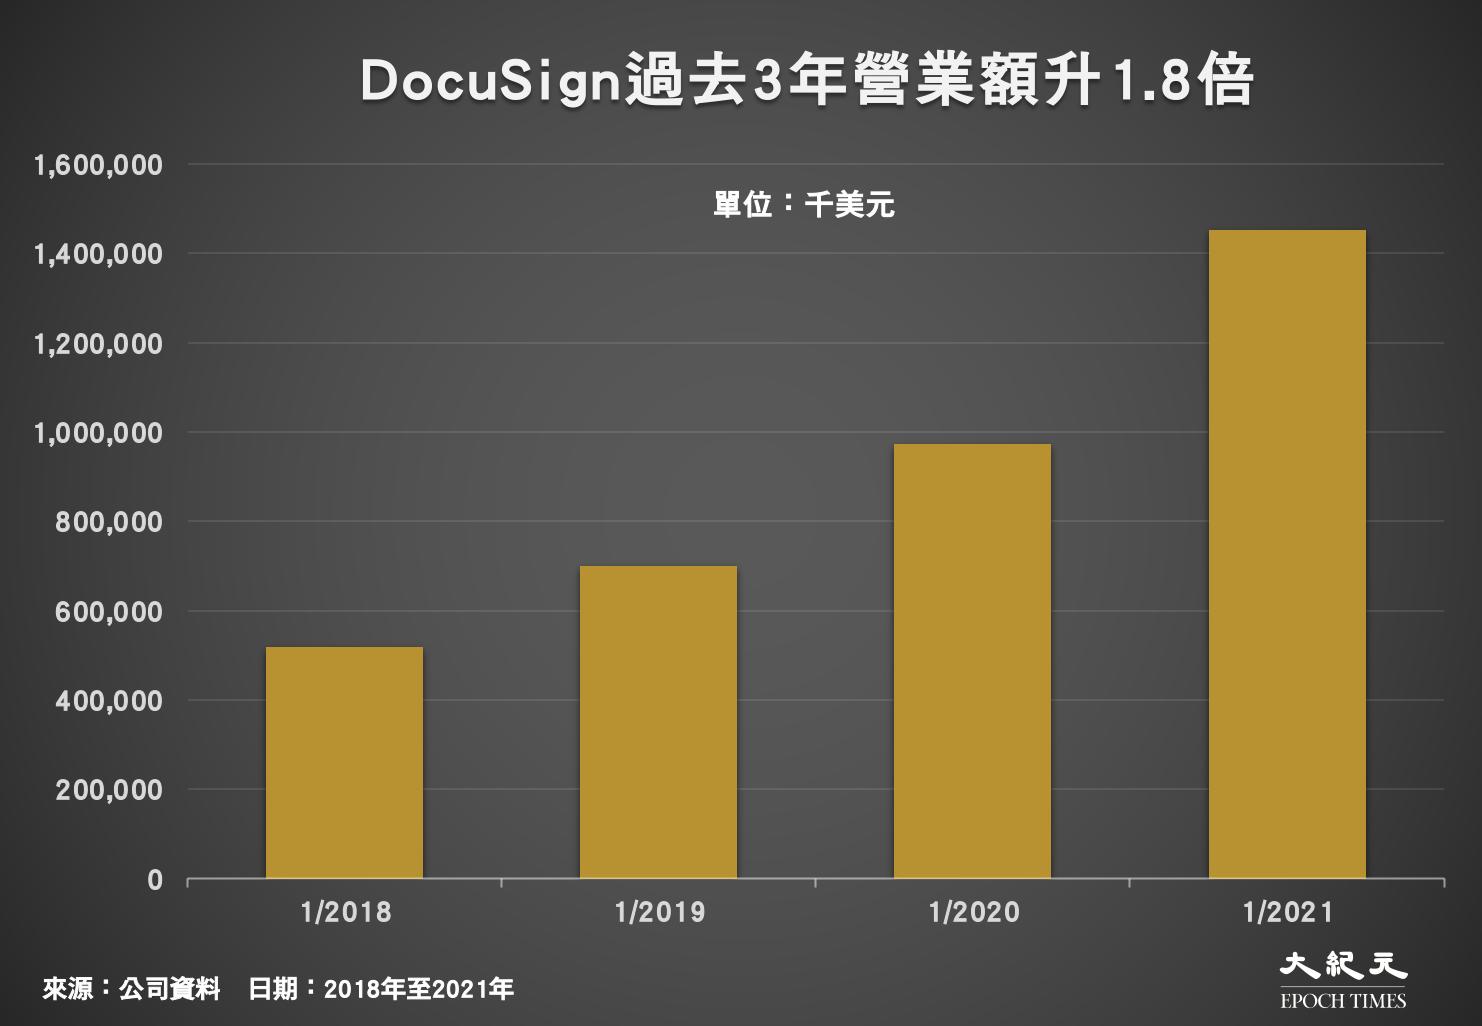 DocuSign過去3年 營業額升1.8倍(來源:公司資料/大紀元製圖)